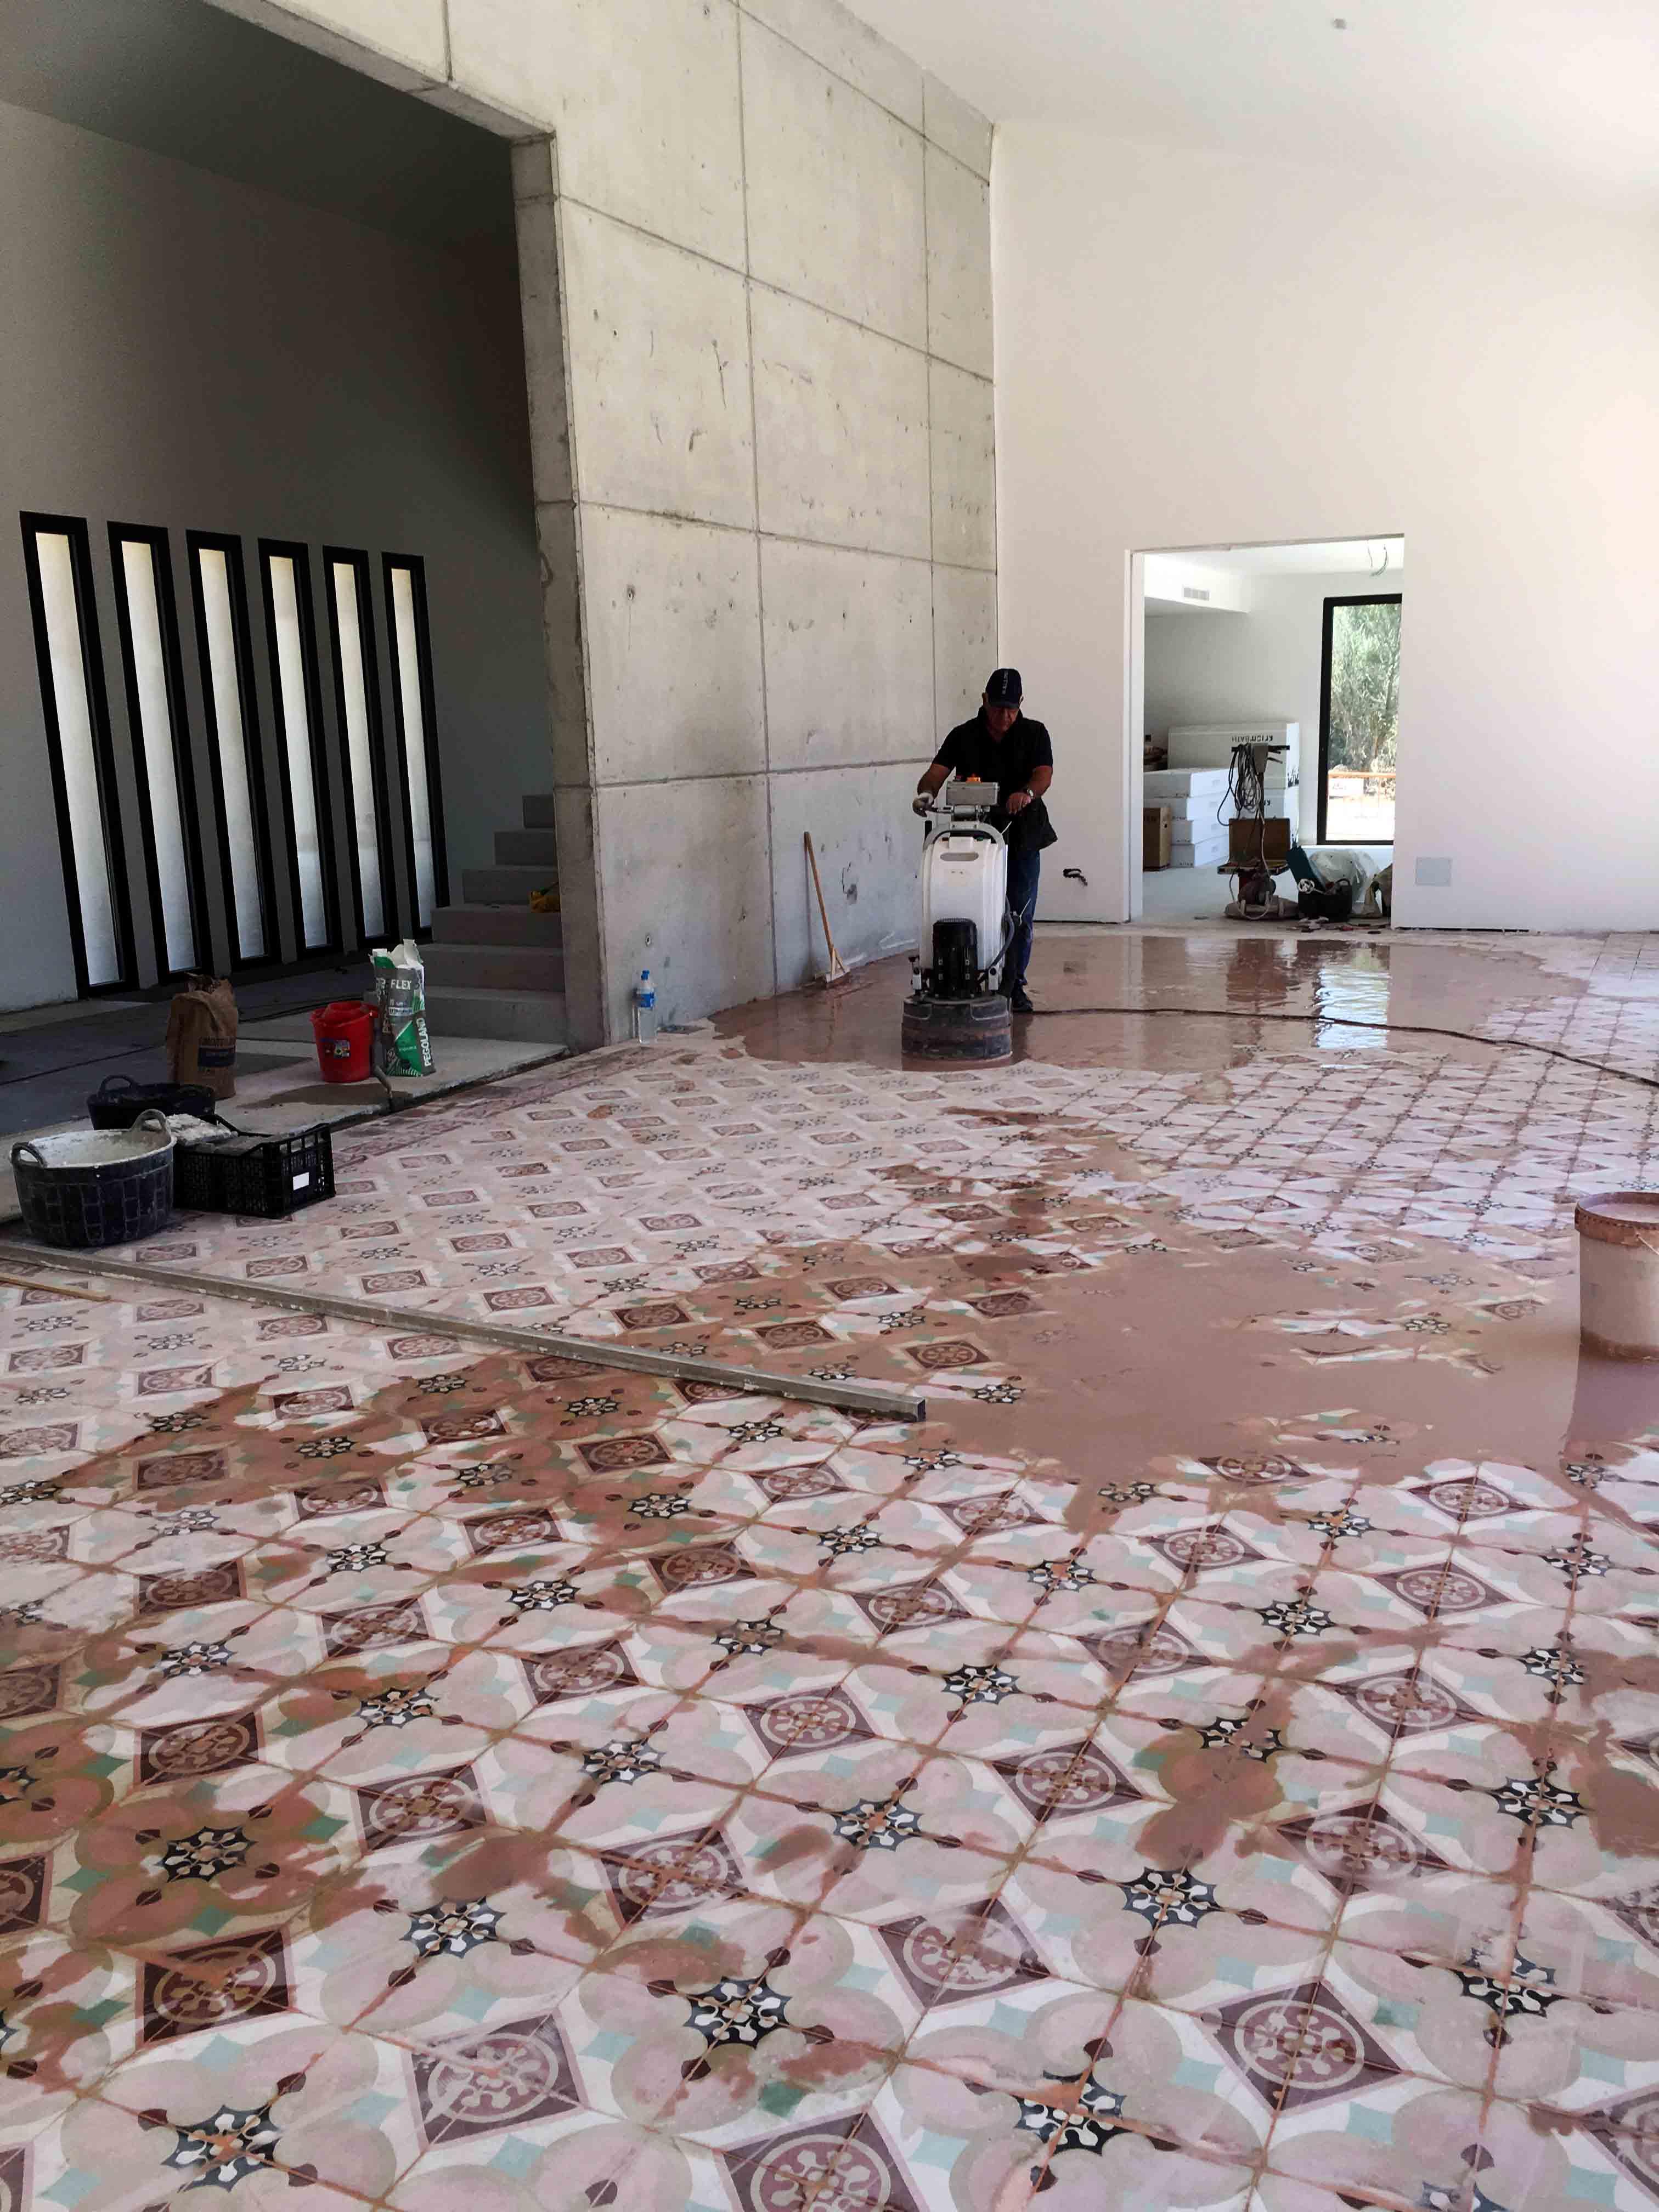 MosaicosBarcelona-Recuperacción-abrillantado-y-acristalado-de-suelos-de-mosaico-hidraulico-en-vivienda-en-Mallorca-3